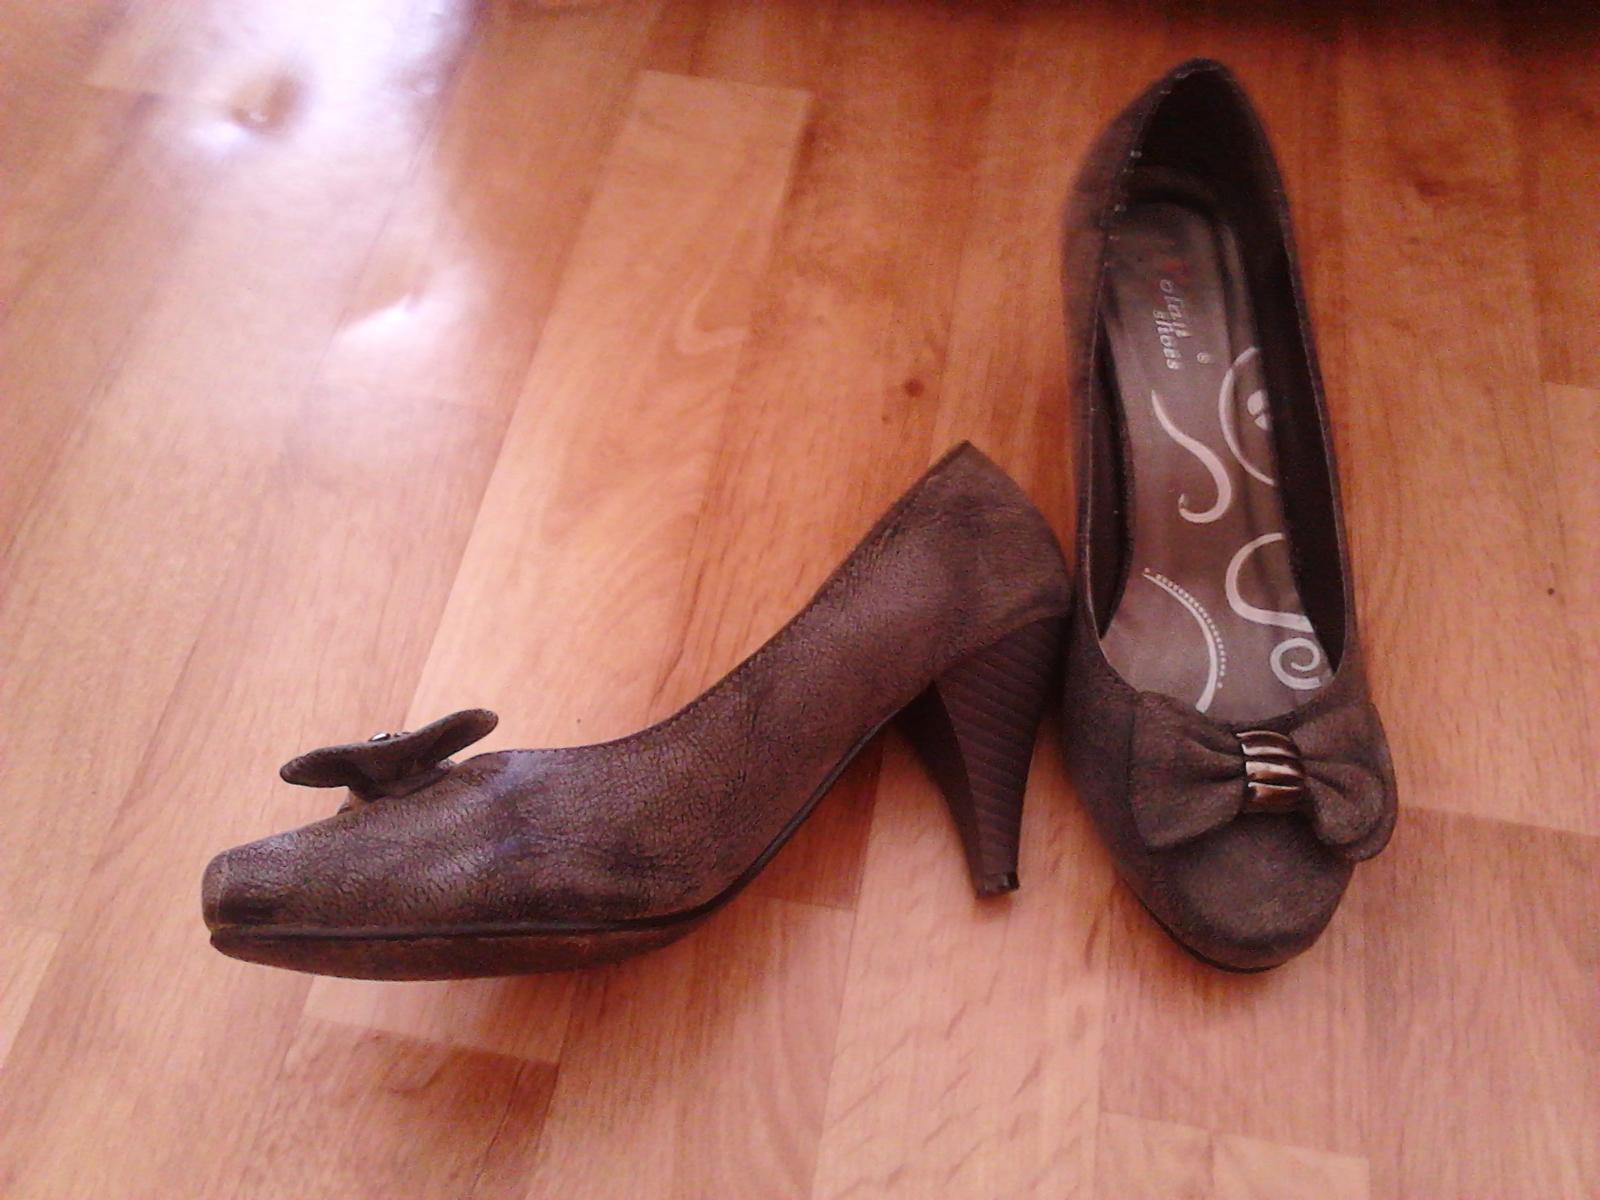 Předsvatební přípravy - Já jako nevěsta budu celá v bílém. Jen květinu budu mít dozelena. Tudíž k tomu tyhle boty absolutně neladí. Ale pro mě i tak byly jasná volba číslo jedna. Jsou jako střevíčky pro Popelku. Navíc mají pro mě i snoubence zvláštní symboliku. ;-)